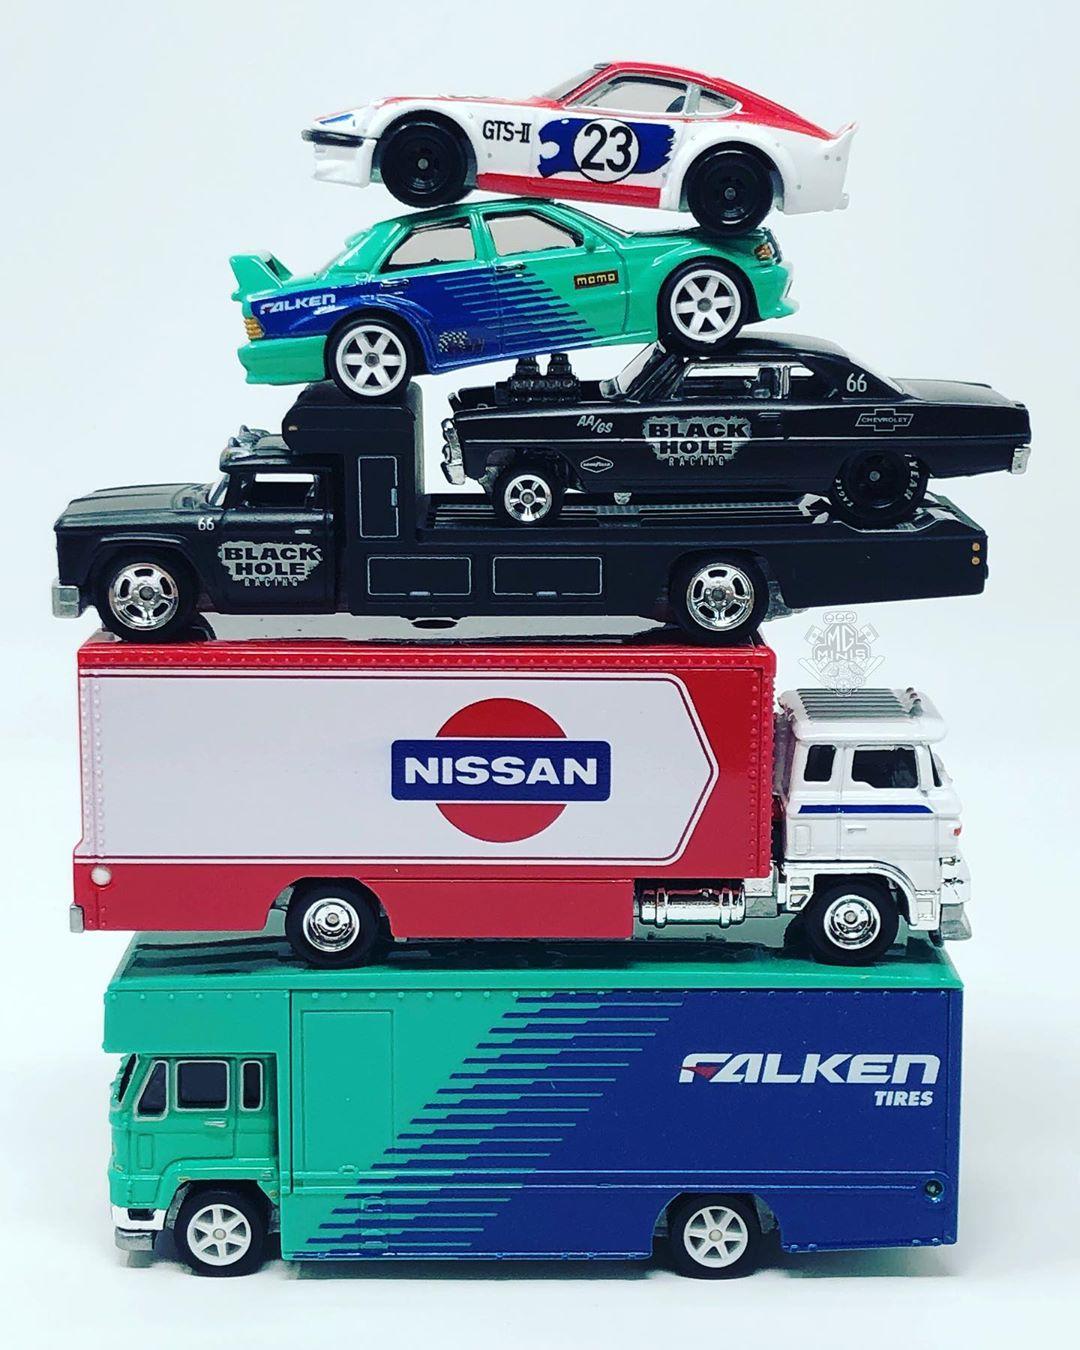 Séries especiais com produção limitada são foco de vários fabricantes. Esses são da Mattel, marca HotWheels